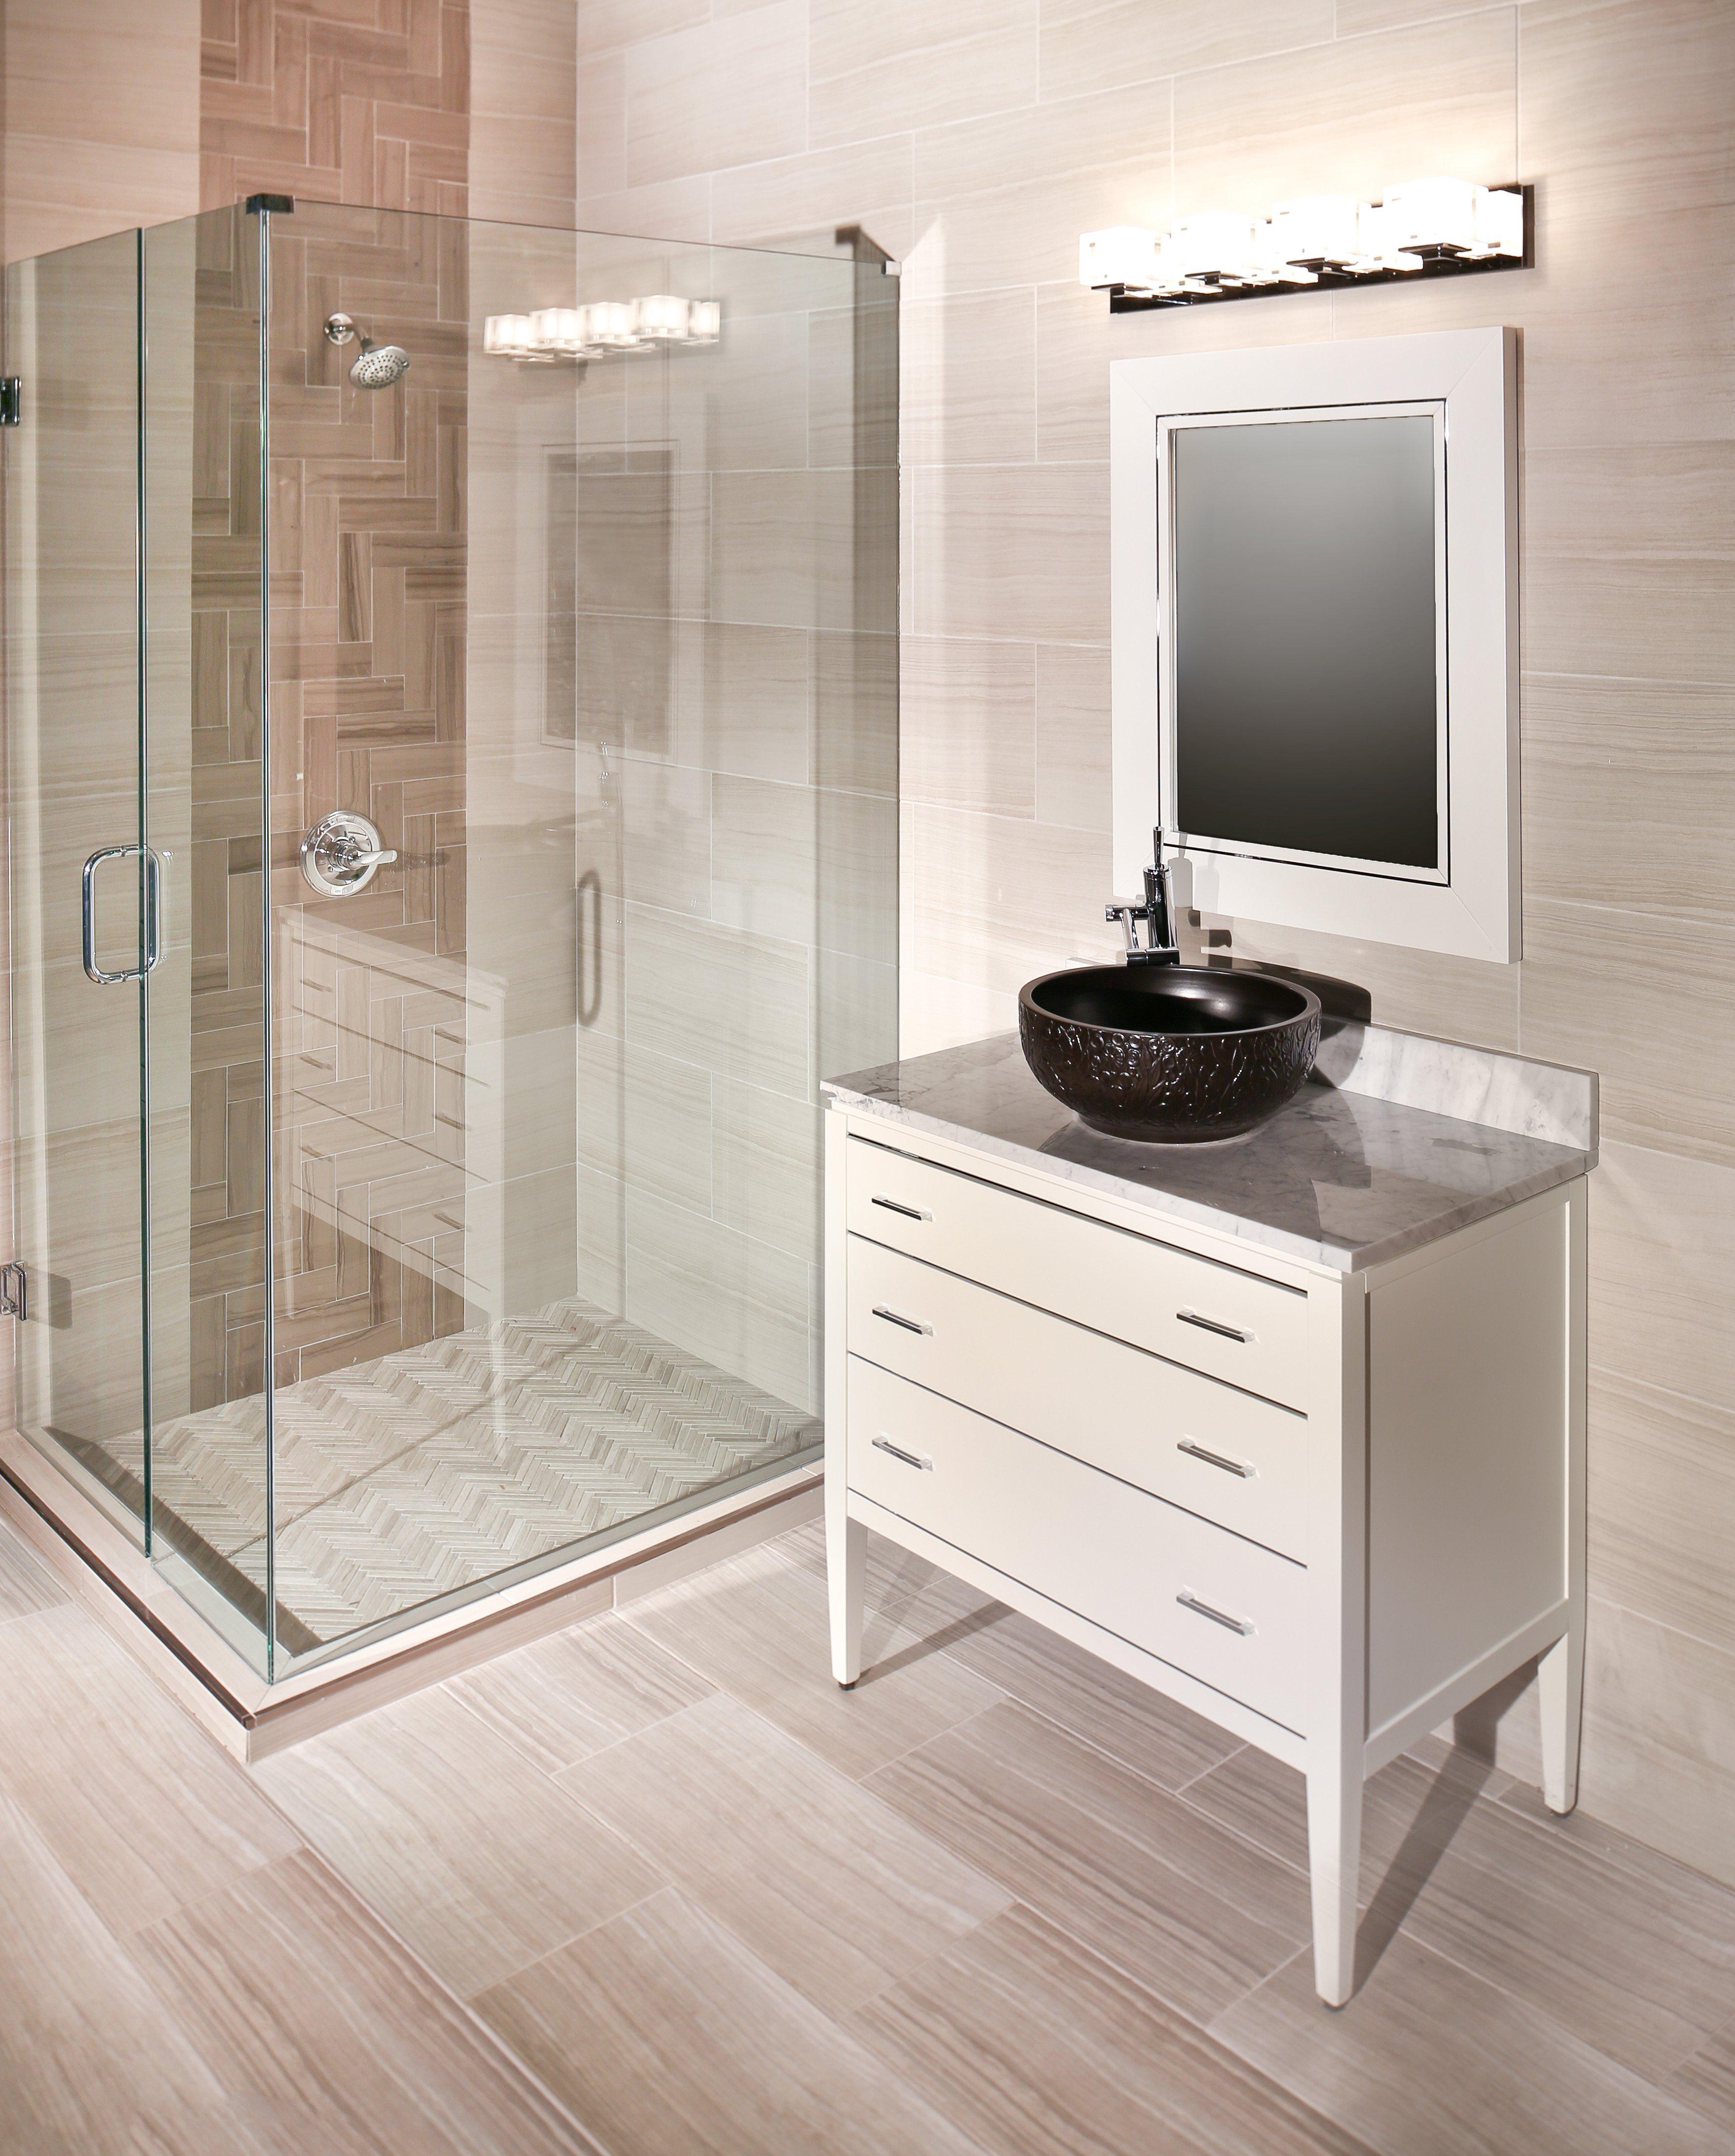 Best Floor And Decor Kitchen Sinks